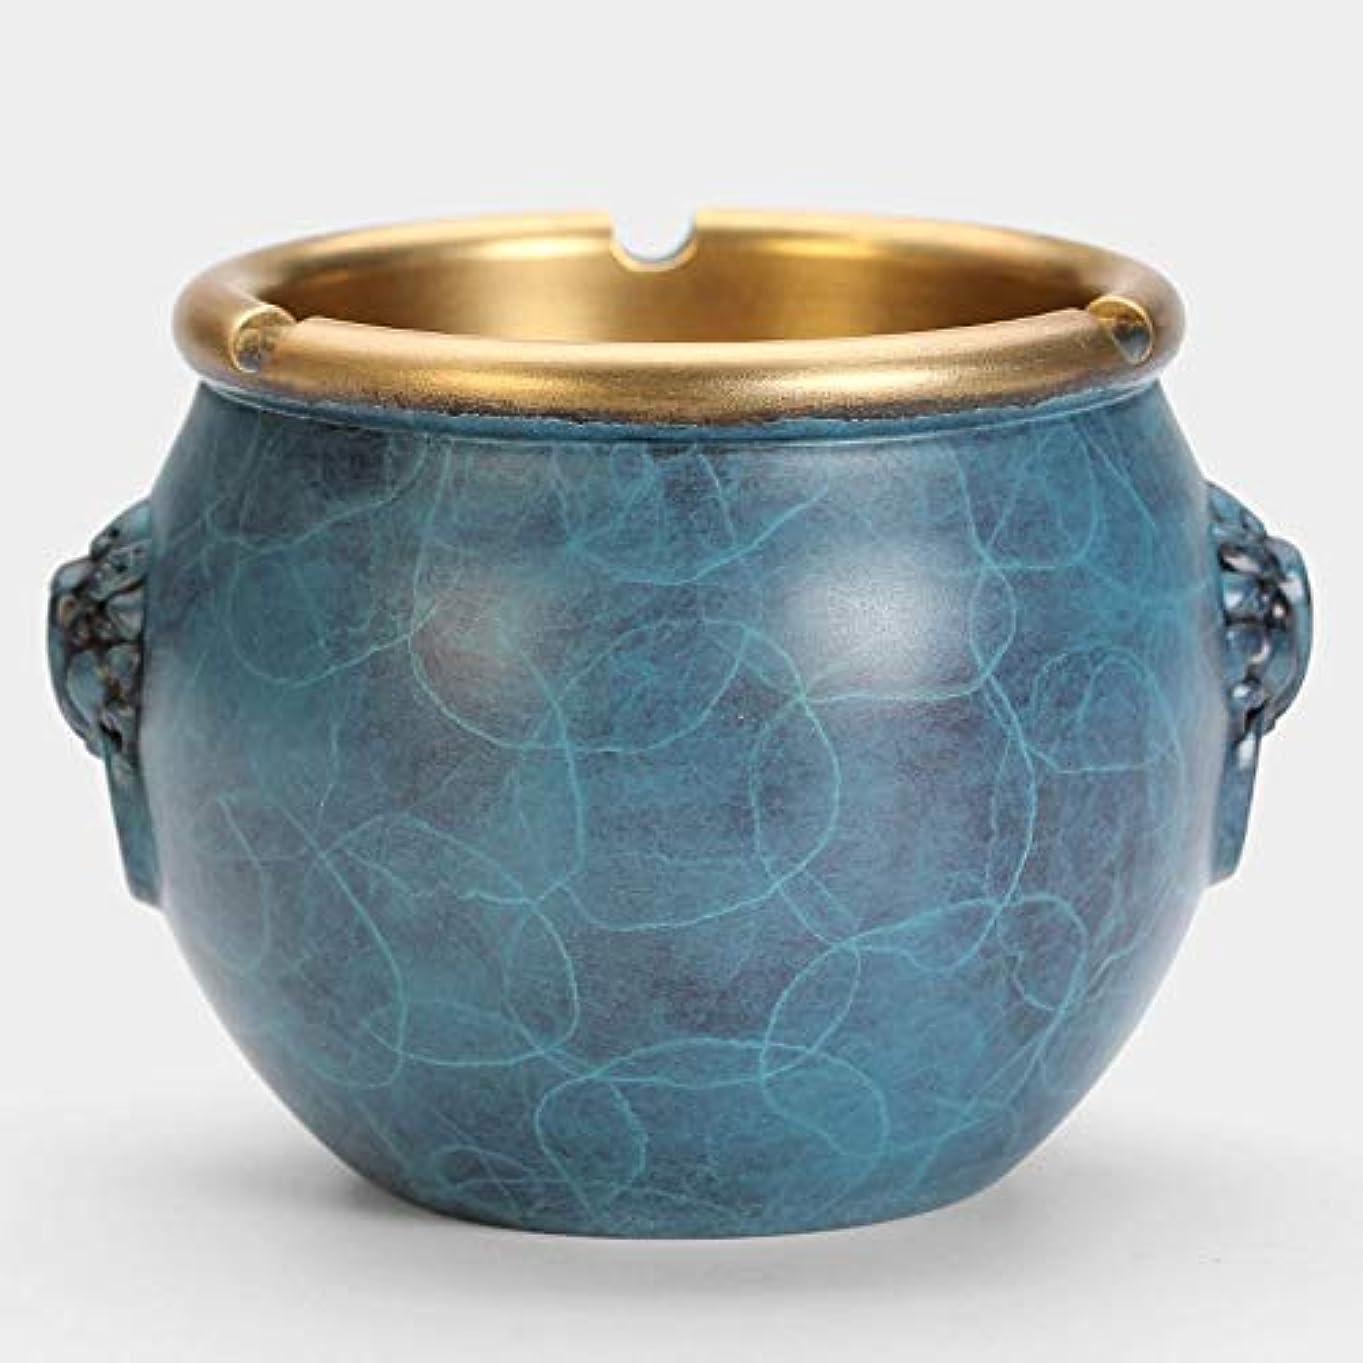 かなりの準備したシリンダー灰皿クリエイティブ純銅灰皿 (色 : 青)